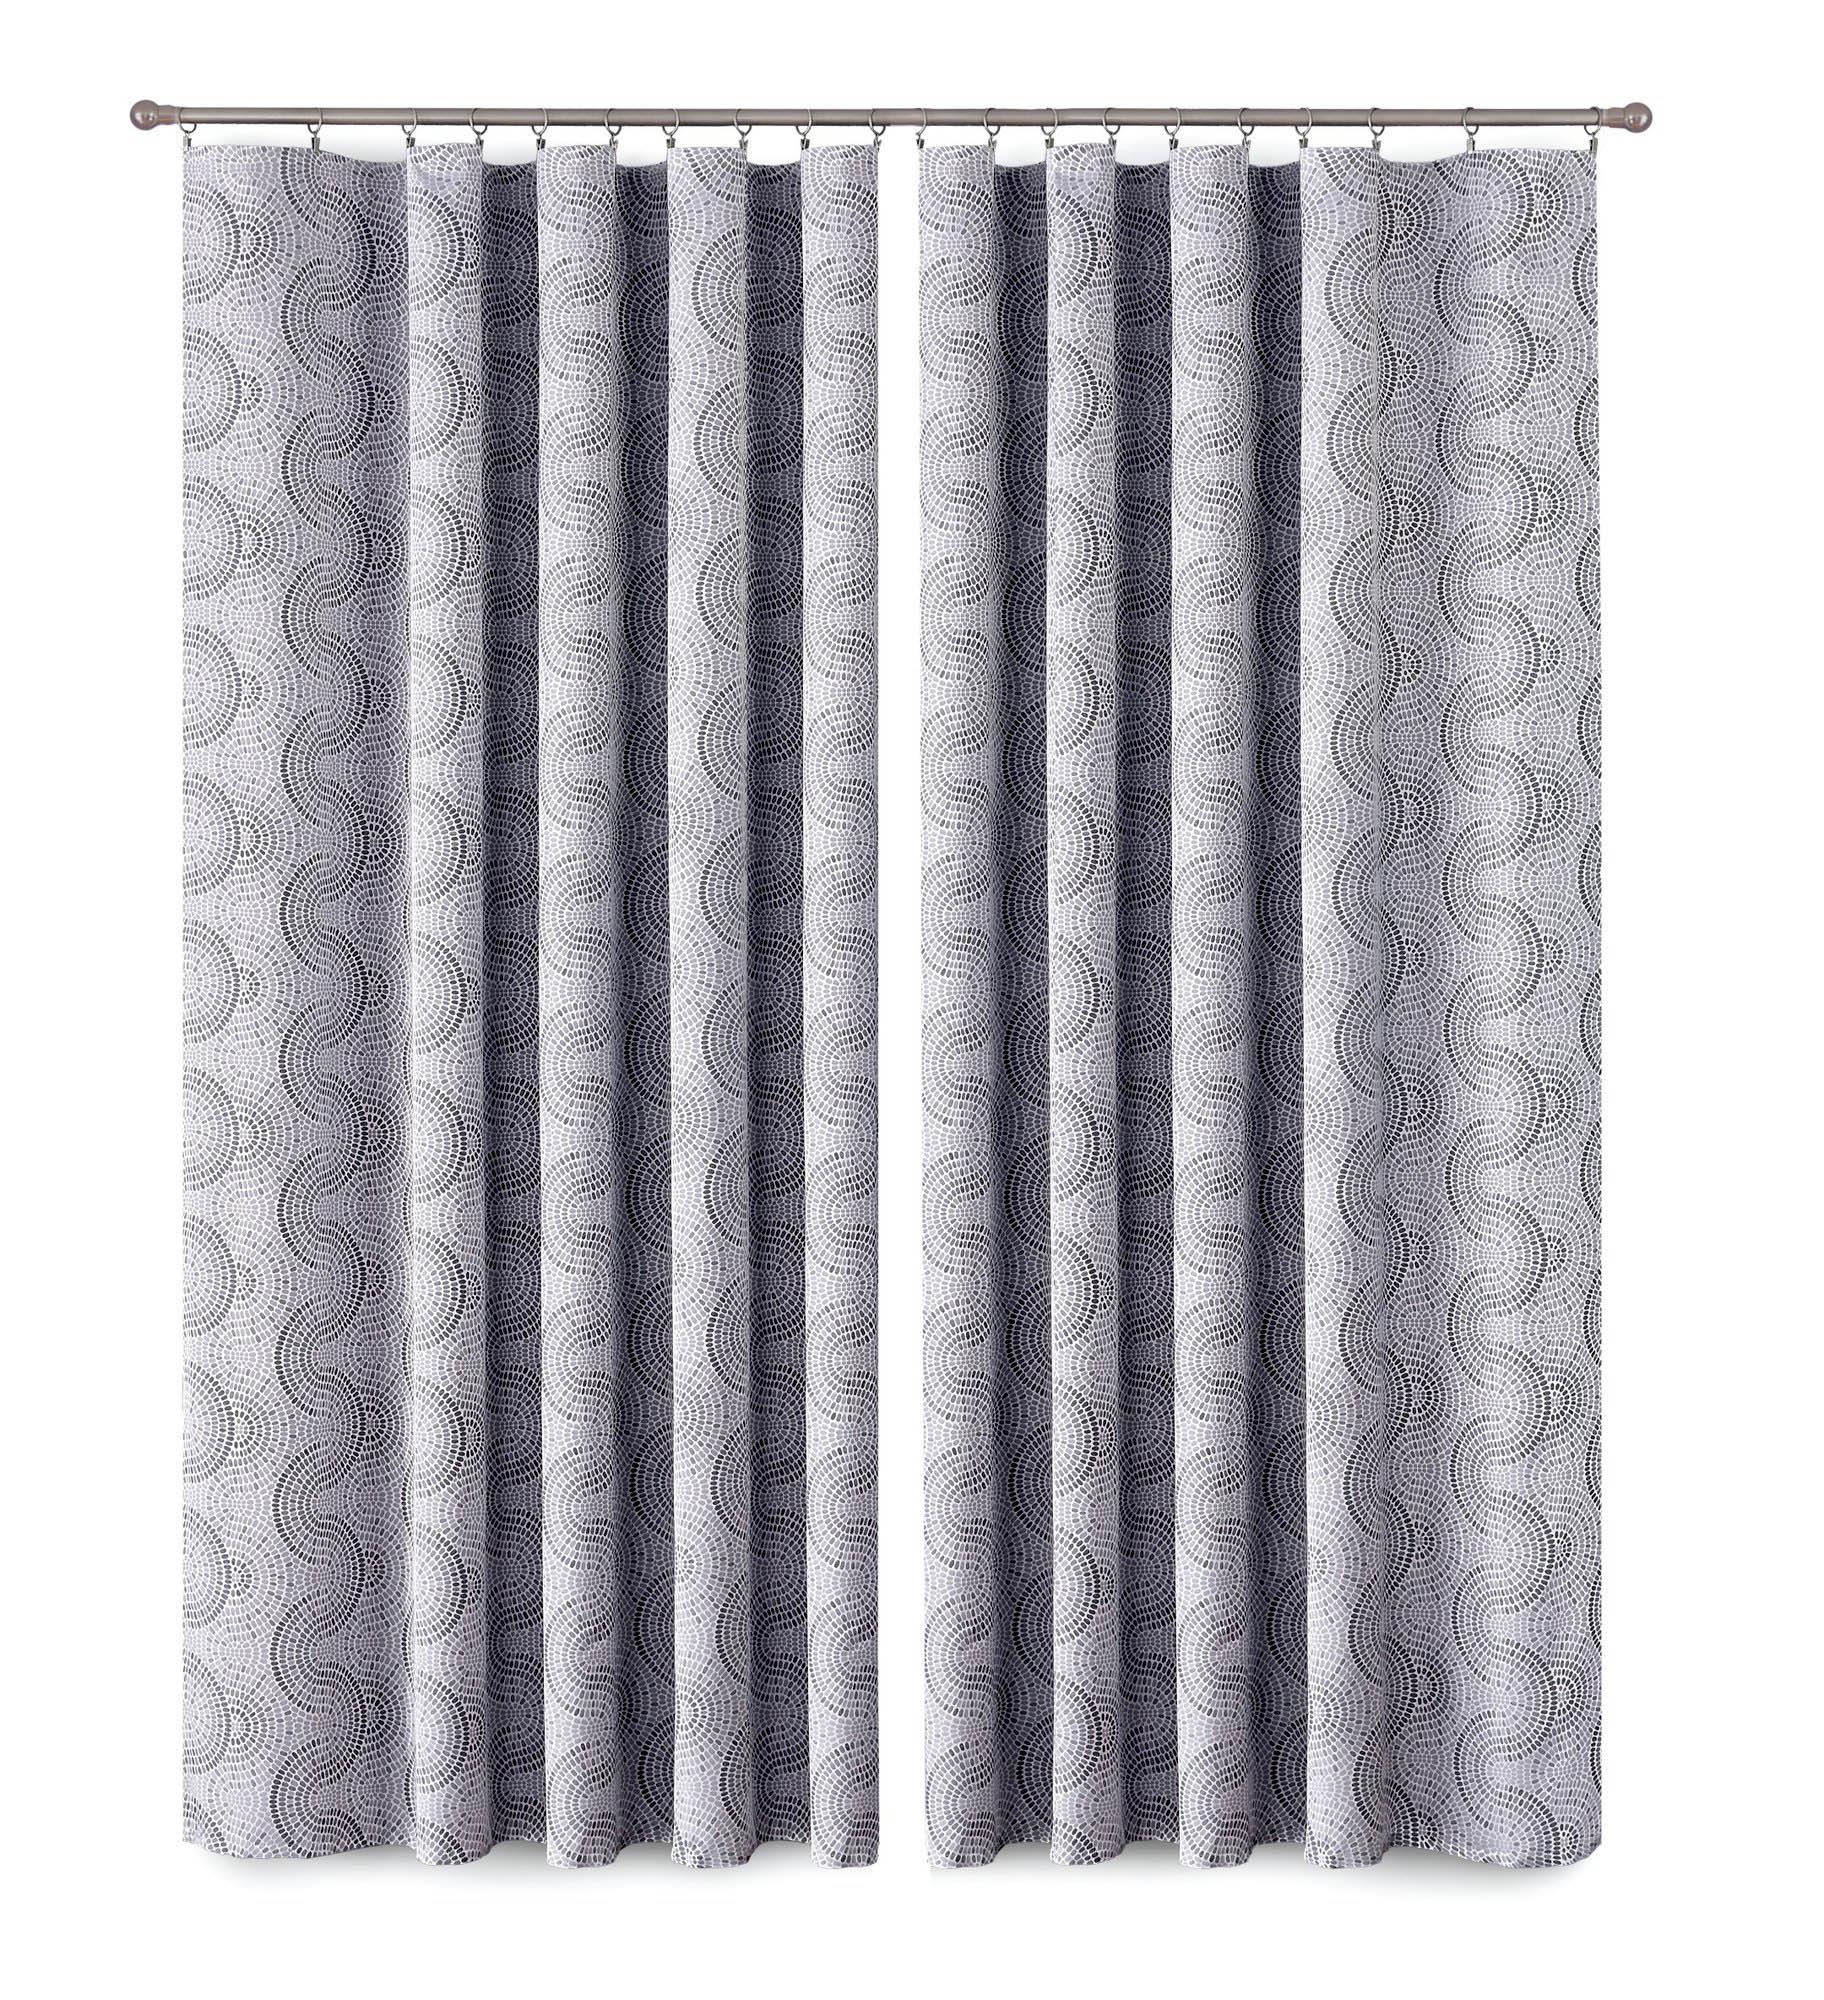 Шторы Primavera Классические шторы Delicia Цвет: Серый шторы primavera классические шторы caroline цвет сиреневый